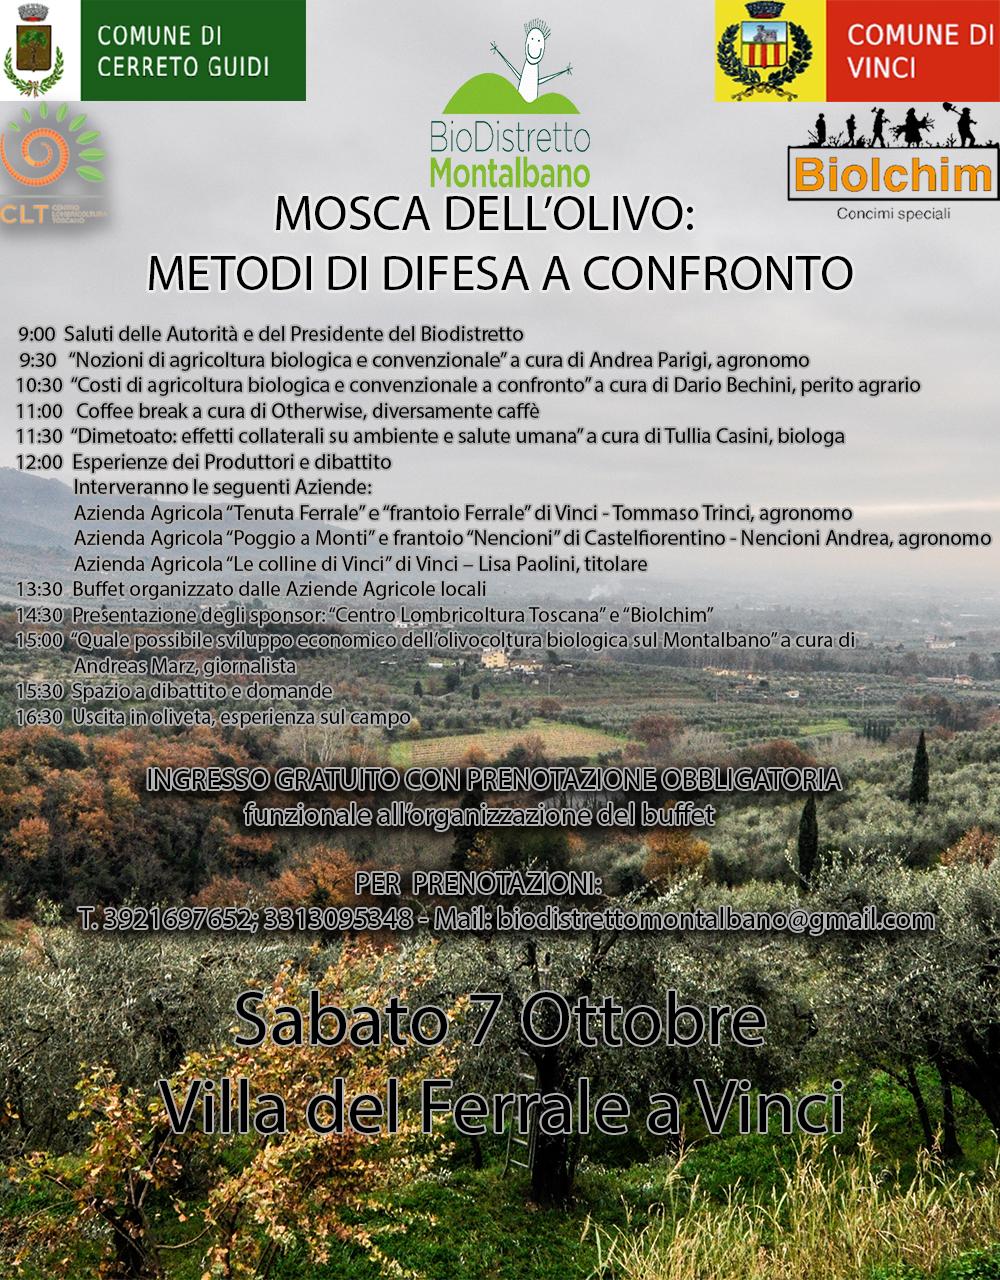 Calendario Dei Trattamenti Dellolivo.Mosca Dell Olivo Metodi Di Difesa A Confronto Bio